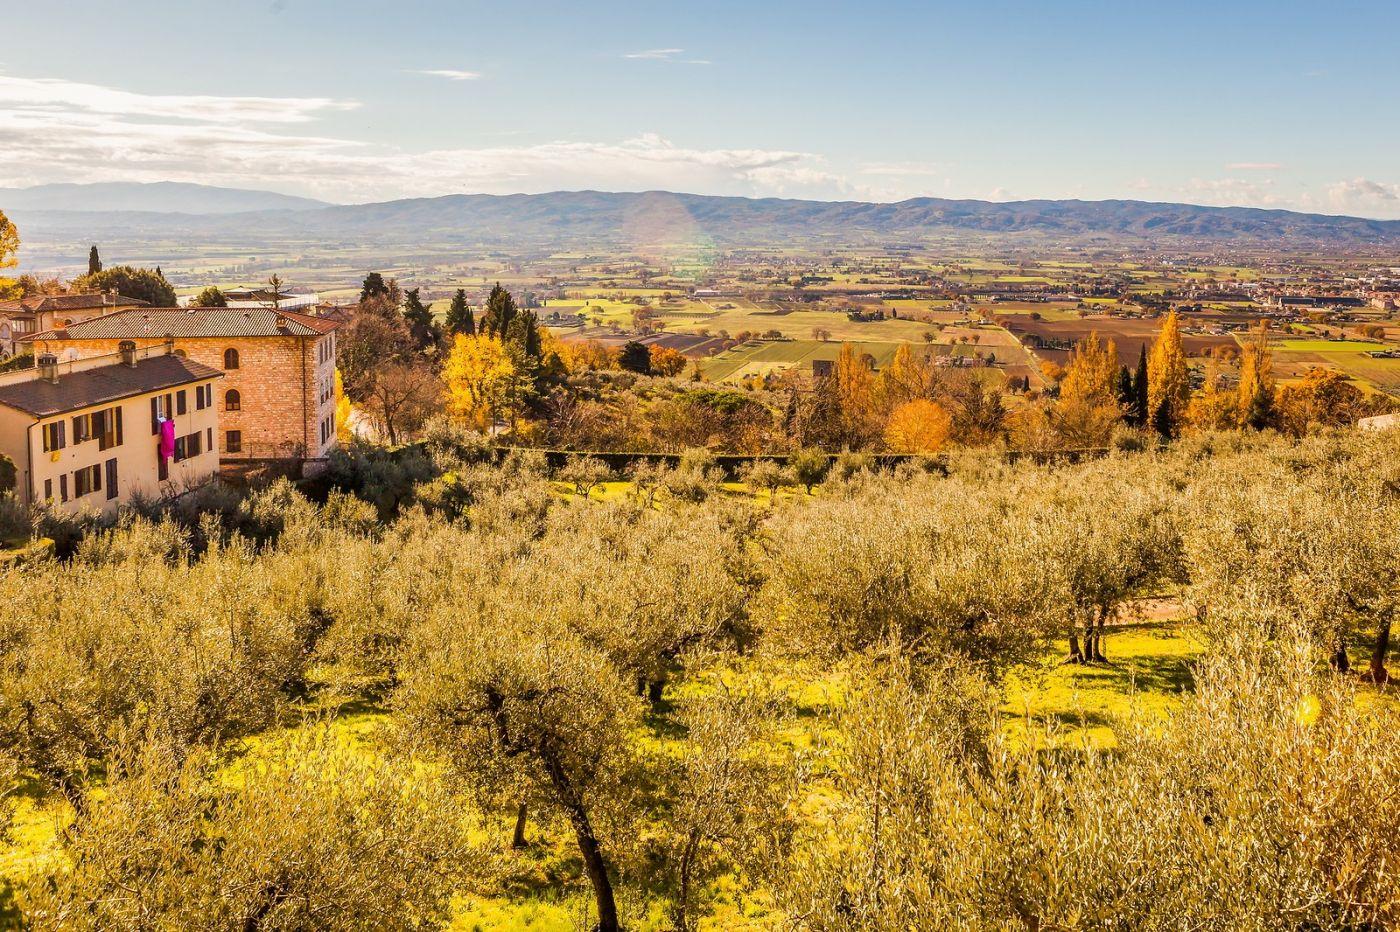 意大利阿西西(Assisi), 登高放眼_图1-11